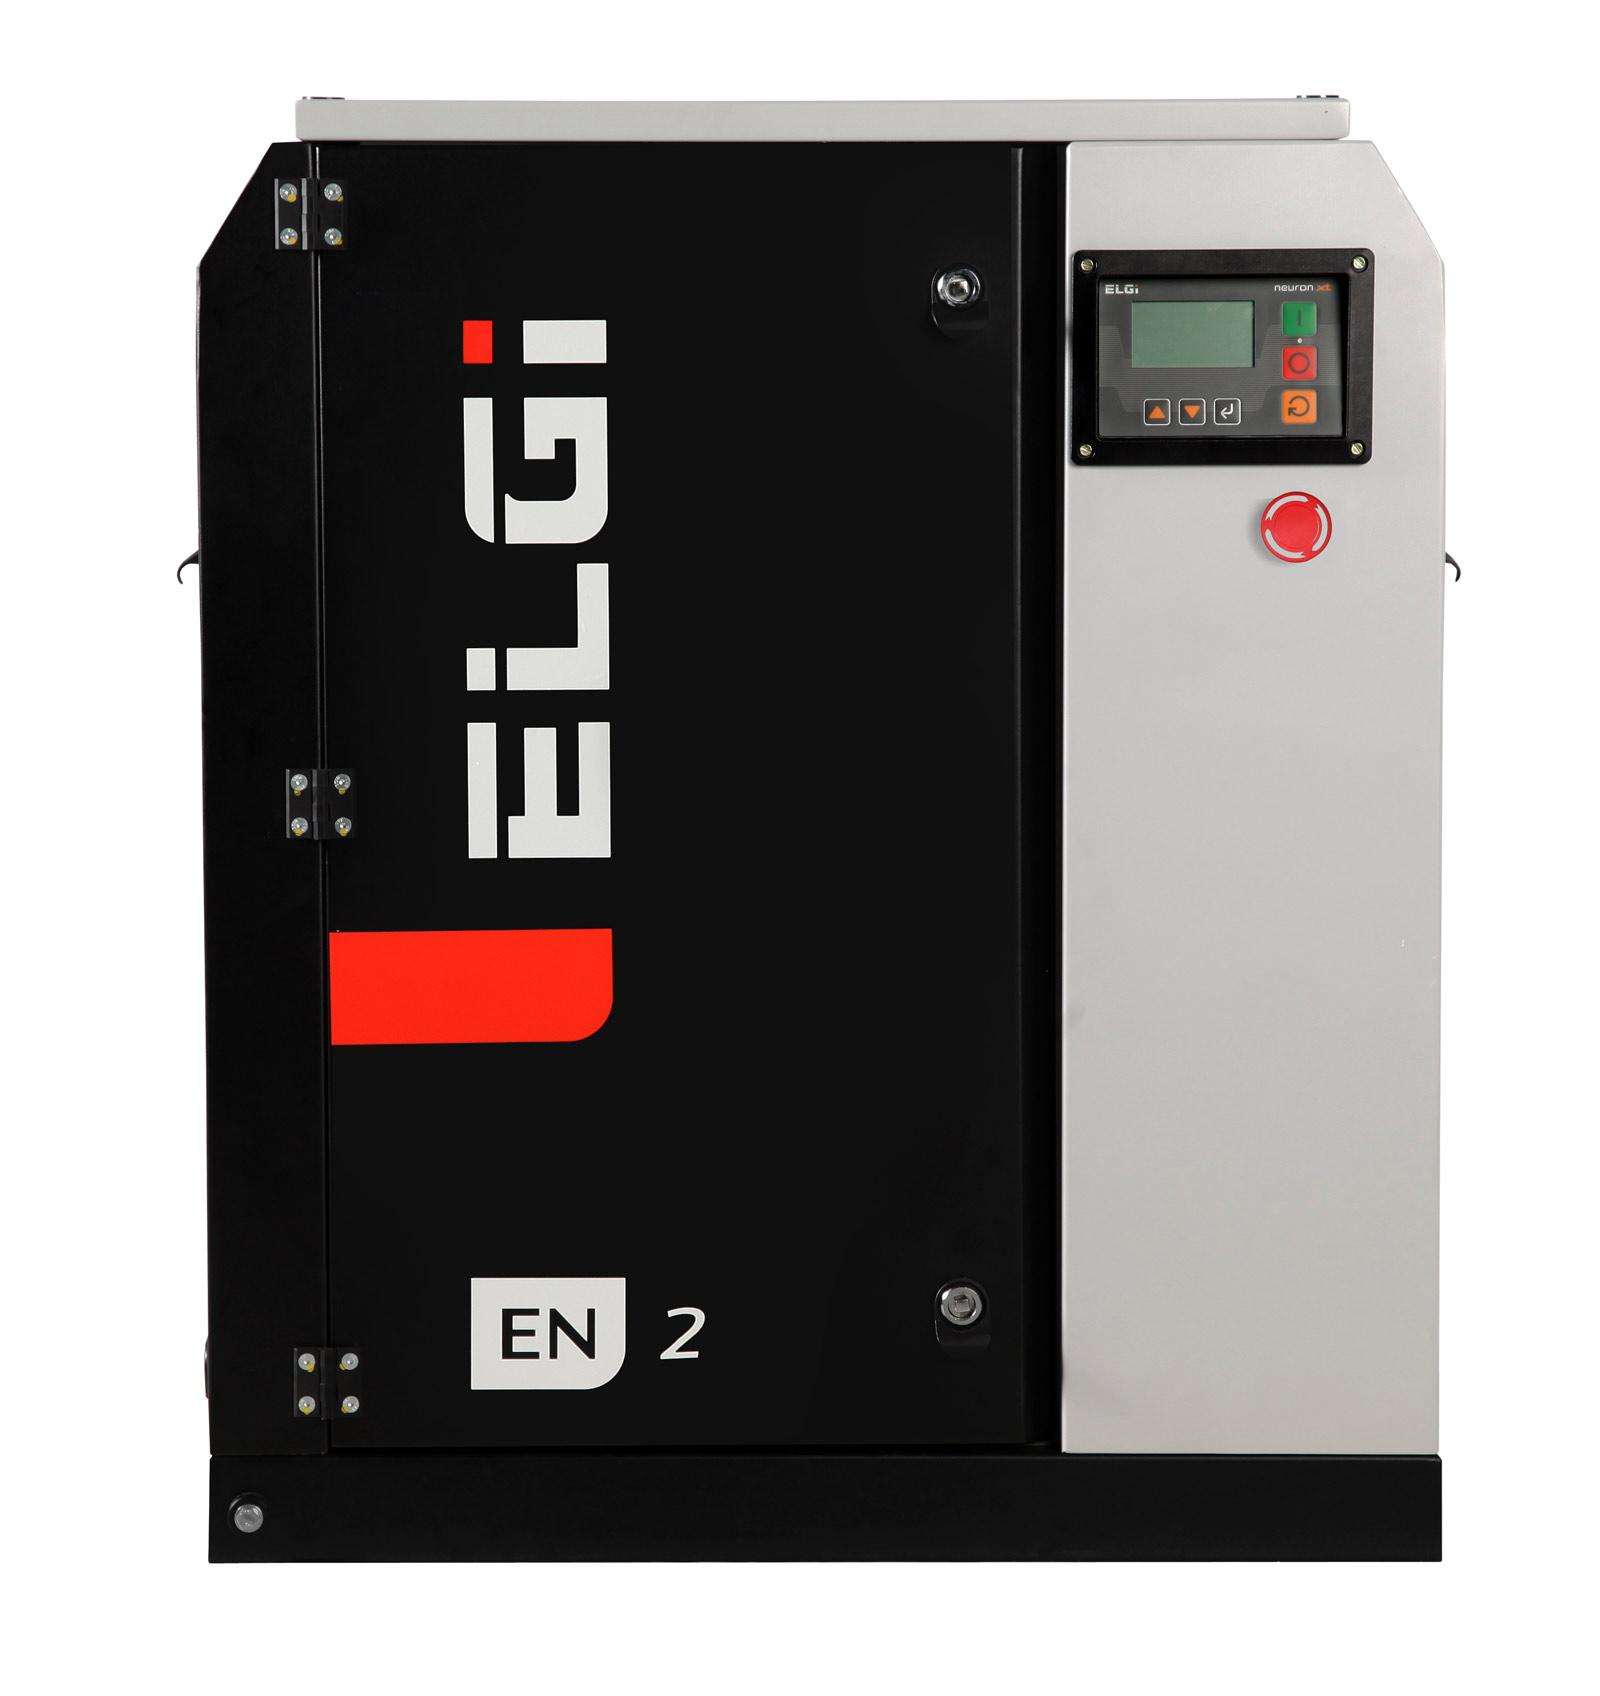 ELGi Encap Series Small Screw Air Compressors front